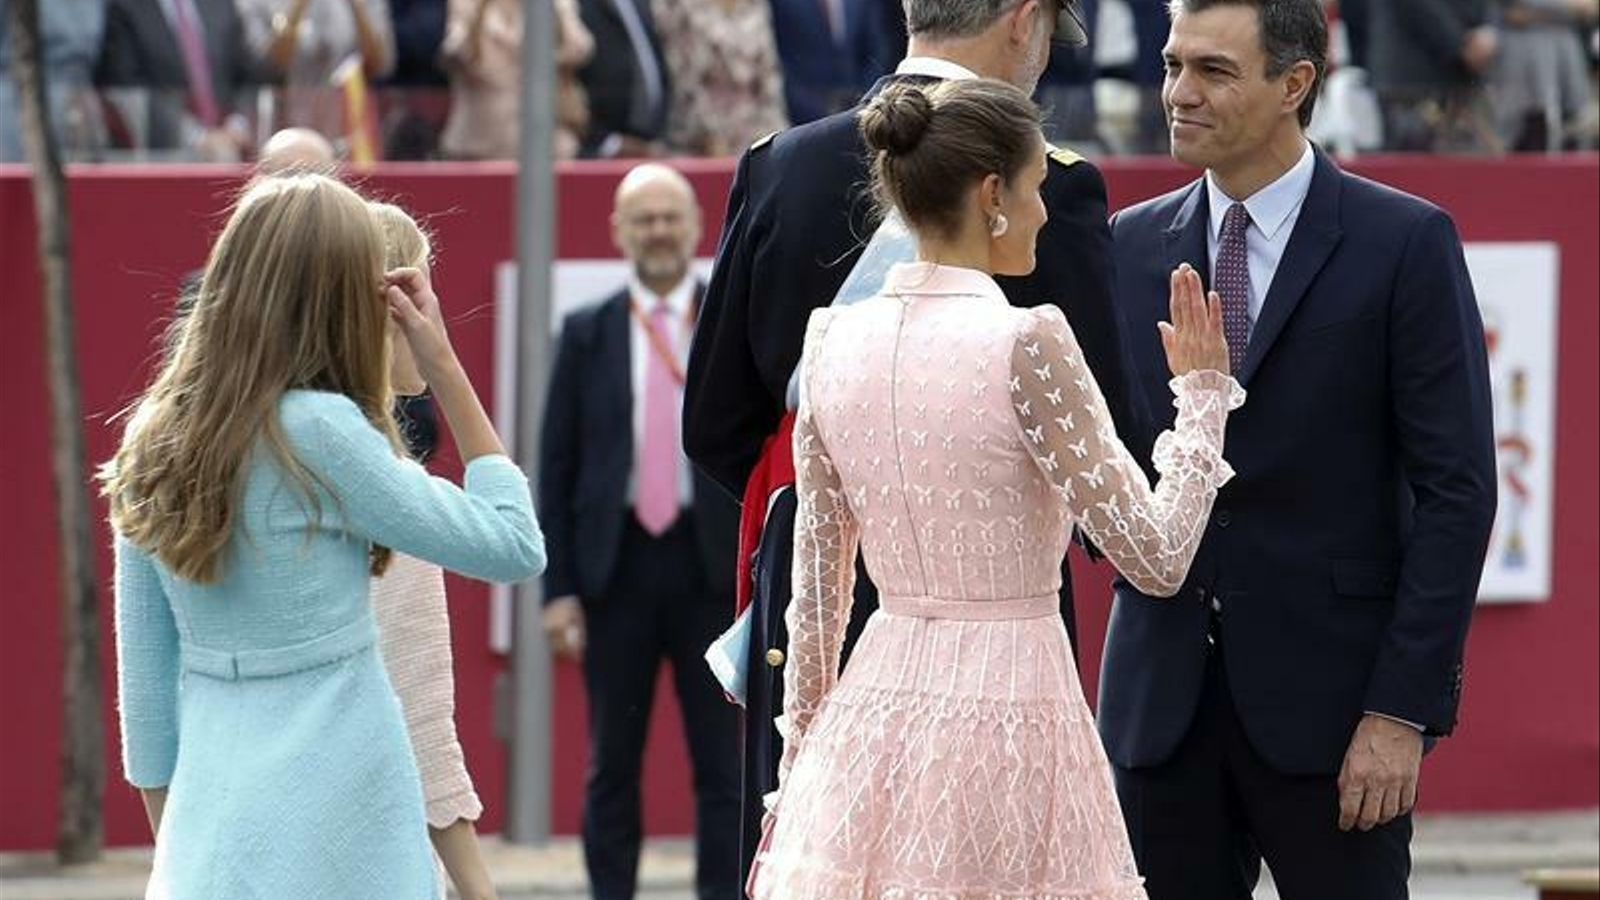 Felip VI i el president del govern espanyol en funcions, Pedro Sánchez, se saluden abans de la desfilada militar